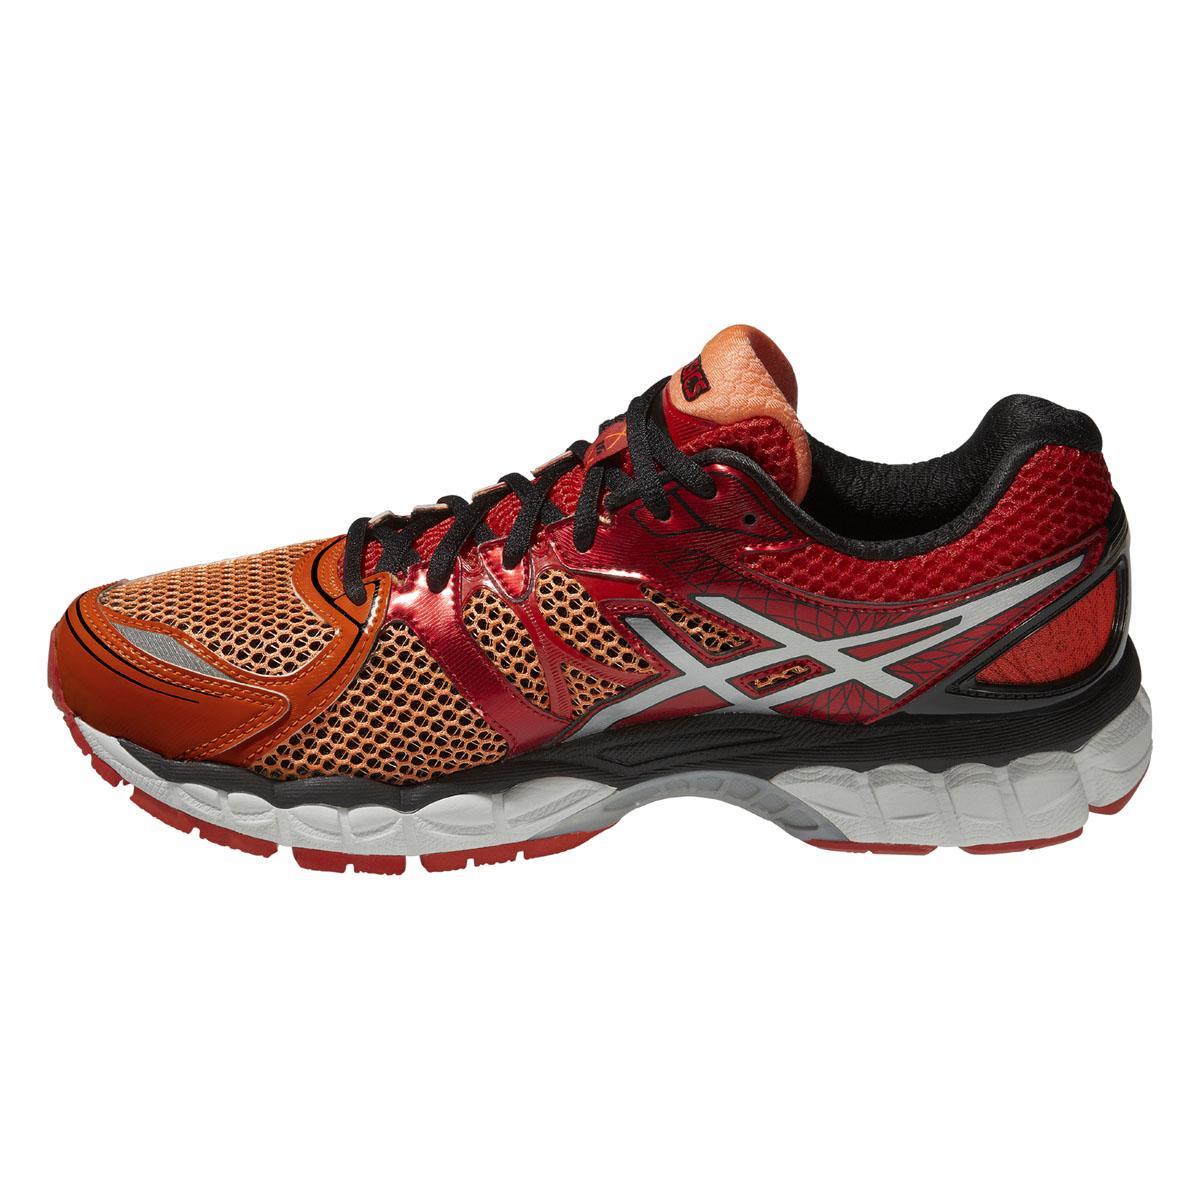 asics mens gel nimbus 16 running shoes flash orange lightning red. Black Bedroom Furniture Sets. Home Design Ideas